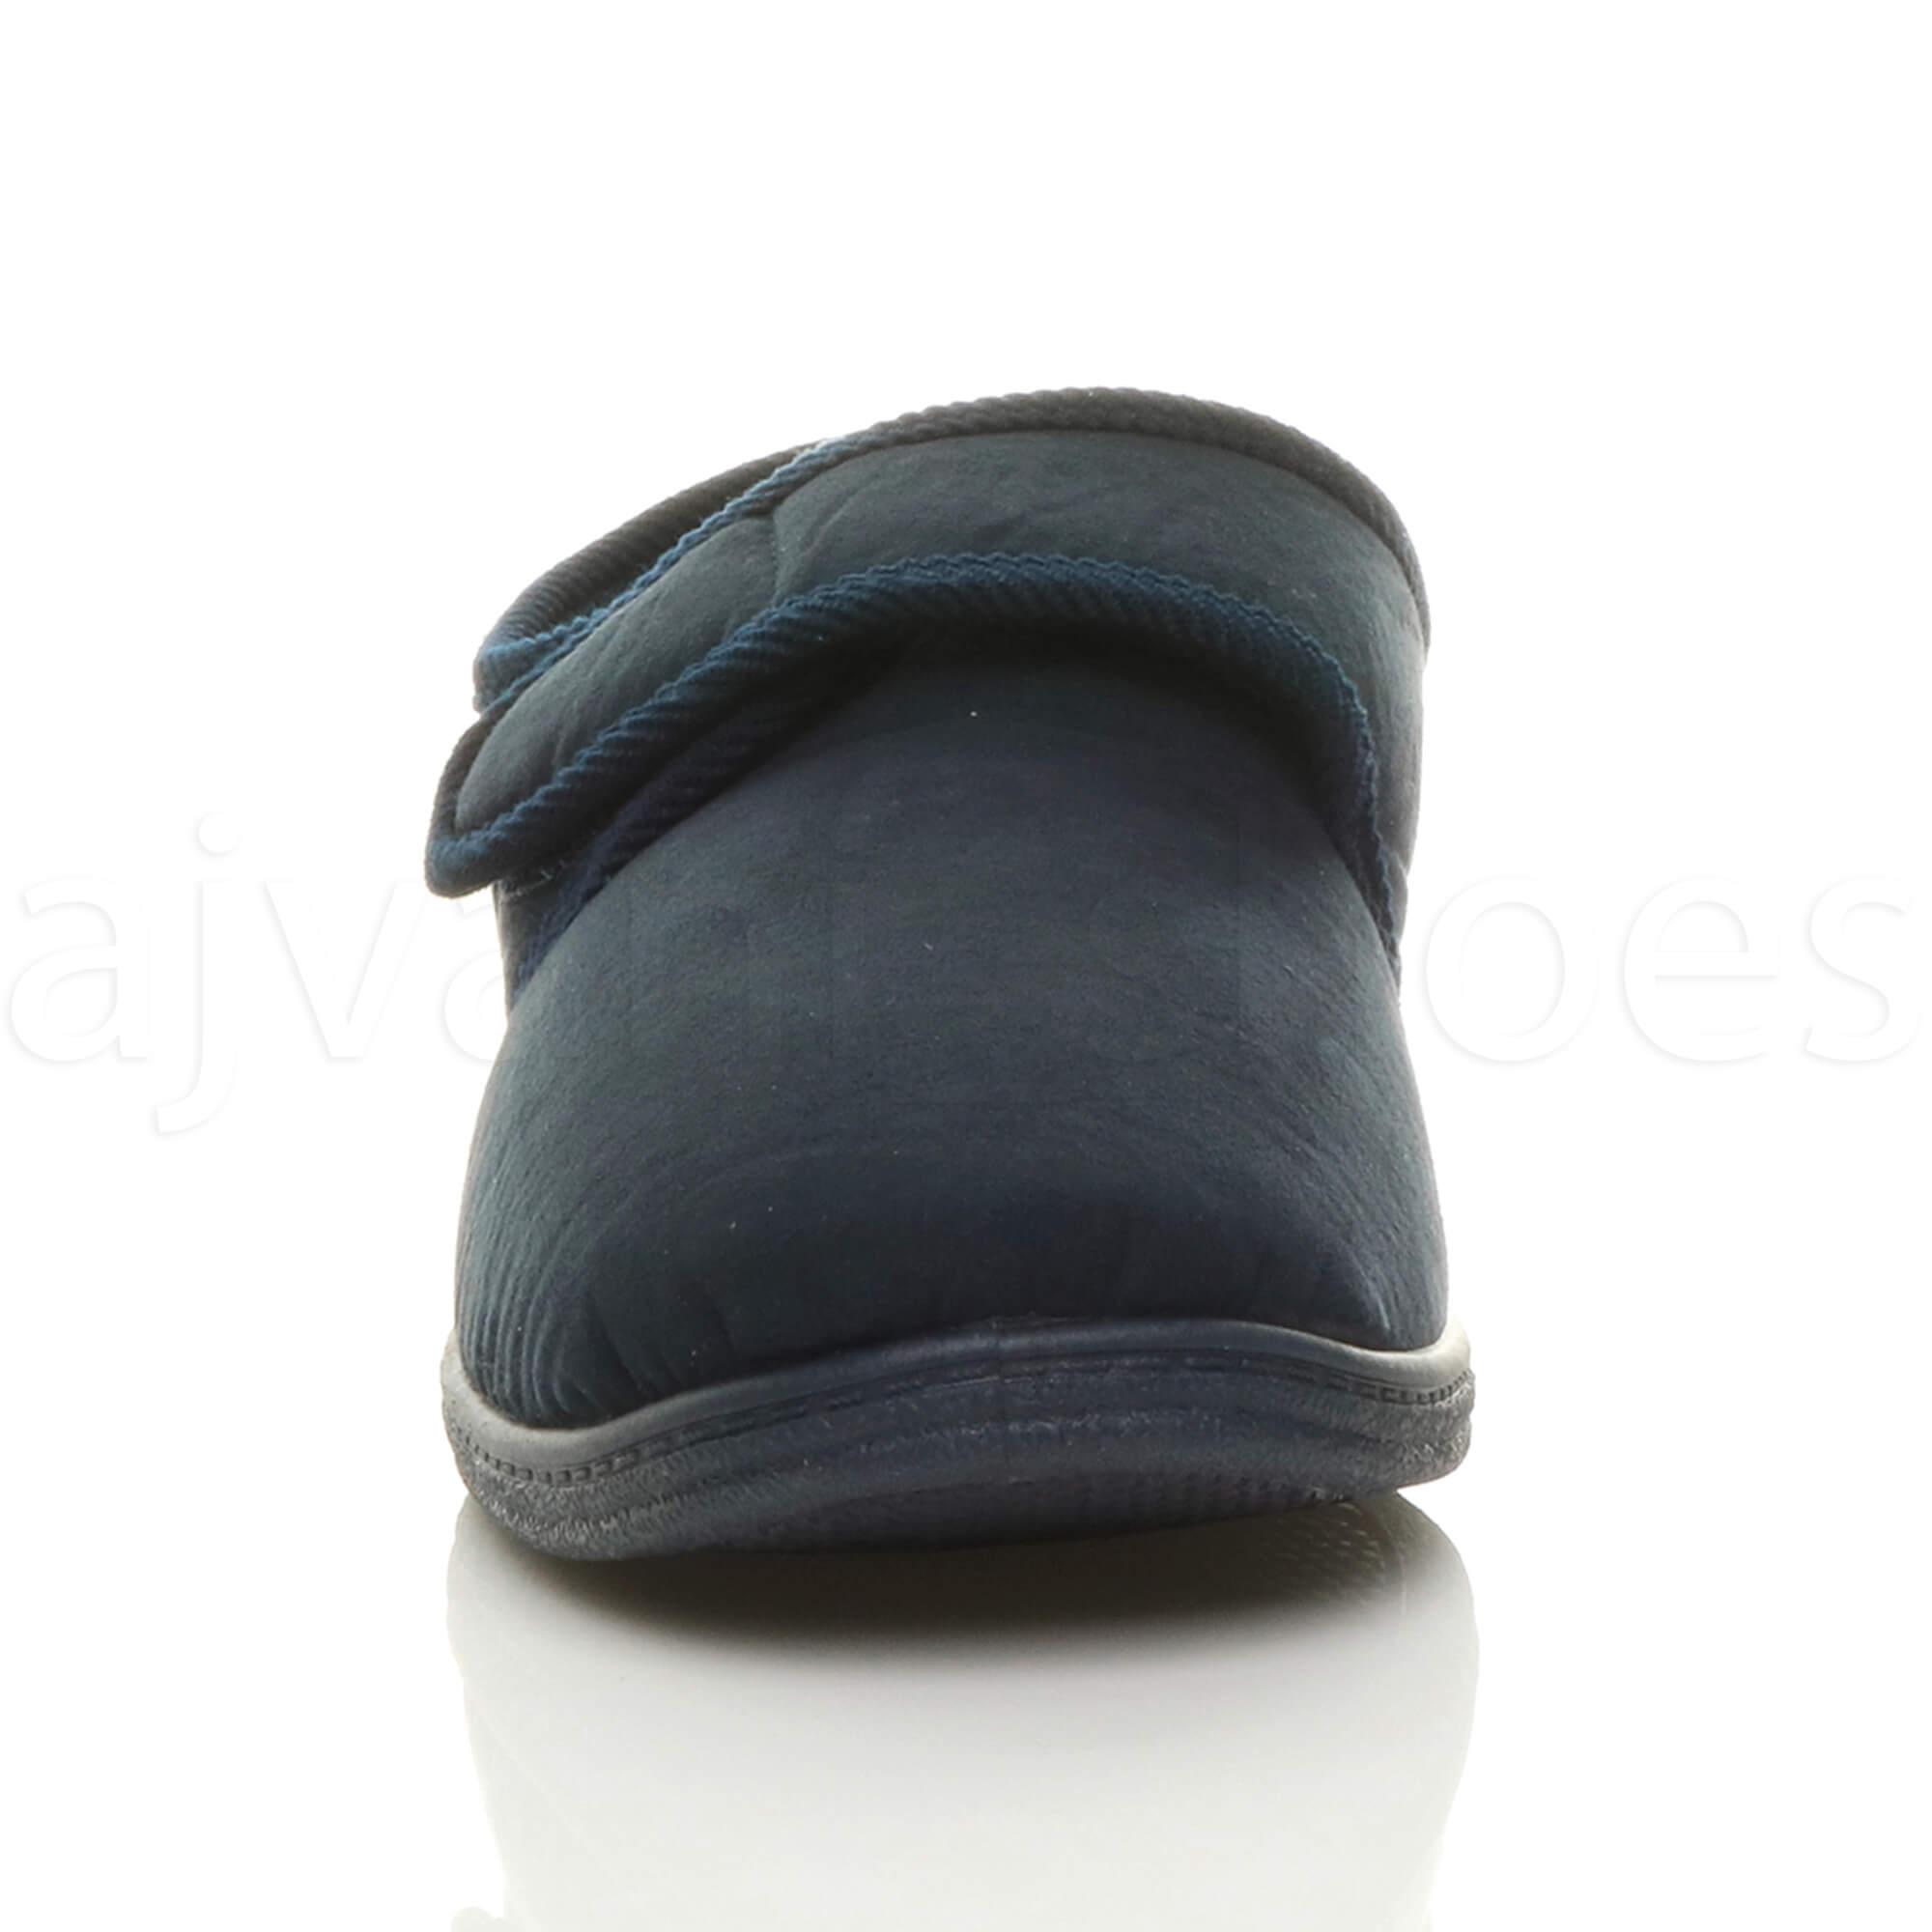 Dettagli su Comfort Regolabile da Uomo diabetici Ortopedico Pantofole Scarpe Casa con suola antiscivolo Misura mostra il titolo originale